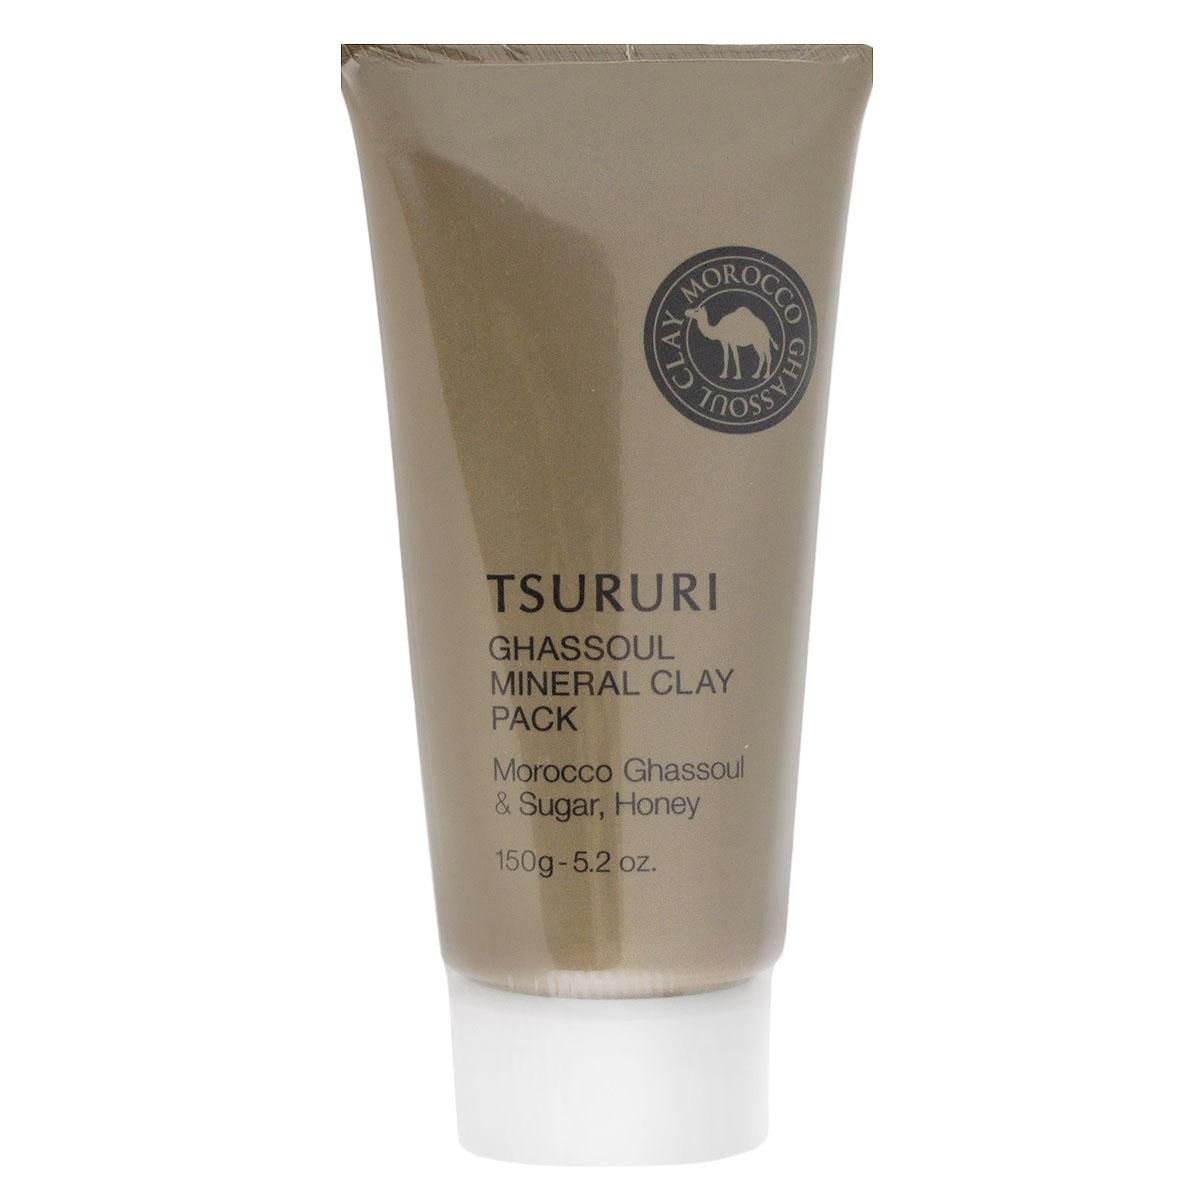 BCL Крем-маска для лица Tsururi, с глиной, 150 г046592Маска для лица с каолином и марокканской глиной Гассуль прекрасно очищает поры кожи от загрязнений, излишков кожного сала и ороговевших клеток эпидермиса. Тусклая кожа заметно светлеет, становится гладкой, без загрязненных расширенных пор и черных точек. Комбинация из натуральных минеральных компонентов – каолина, марокканской глины Гассуль, масла арганы и растительных экстрактов нежно и бережно ухаживает за кожей. Исключительные абсорбирующие свойства глины Гассуль помогают крем-маске глубоко проникнуть в поры кожи и удалить самые глубокие загрязнения. Маска мягко очищает кожу, минерализуя и восстанавливая ее структуру. Мед и маточное молочко ухаживают за кожей, делая ее мягкой и шелковистой. После снятия маски рекомендуется сделать легкий массаж кожи лица с помощью любого питательного крема. Не содержит искусственных красителей. Имеет естественный оттенок глины. Товар сертифицирован.